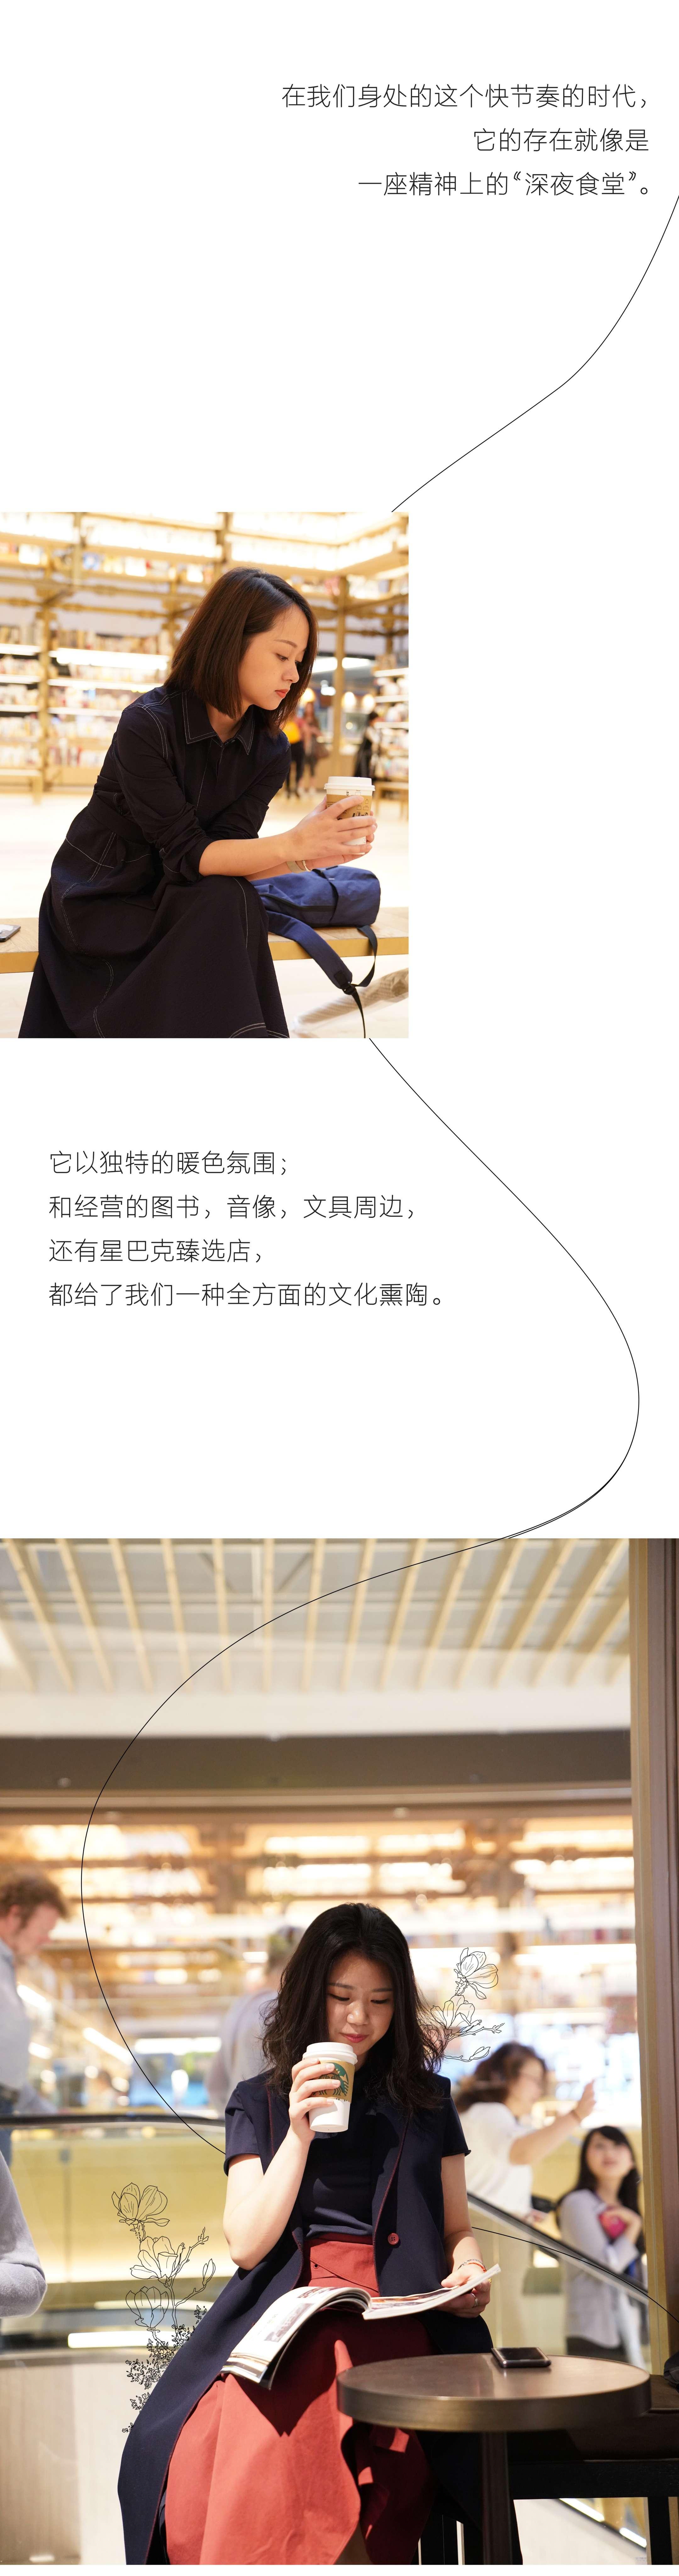 5_看圖王_看圖王.jpg